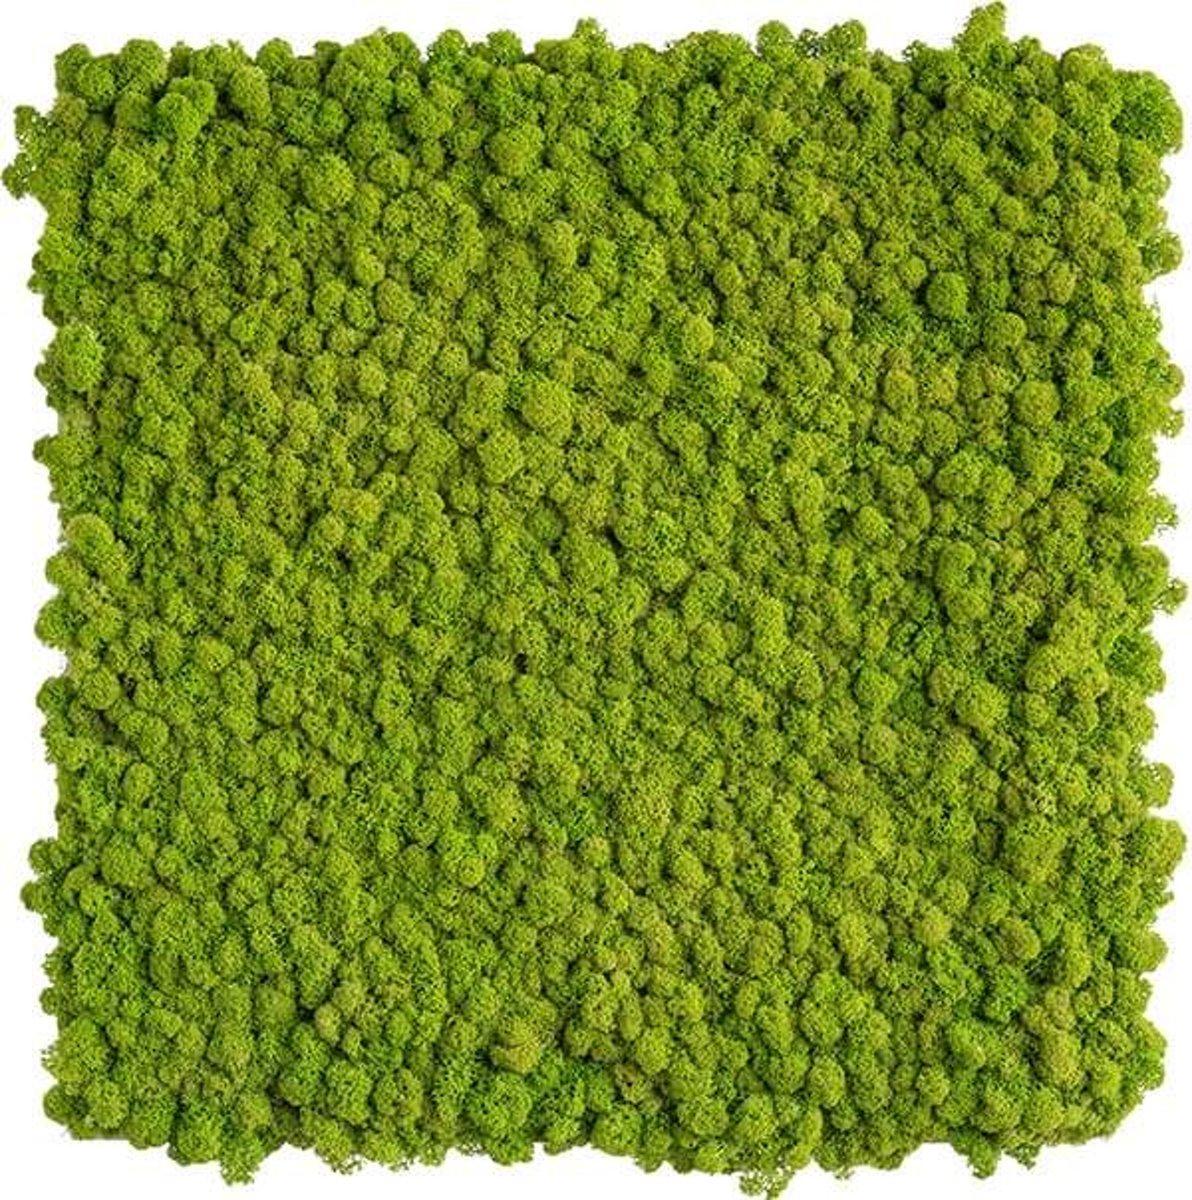 reindeer moss picture 55 x 55 CM voorjaar